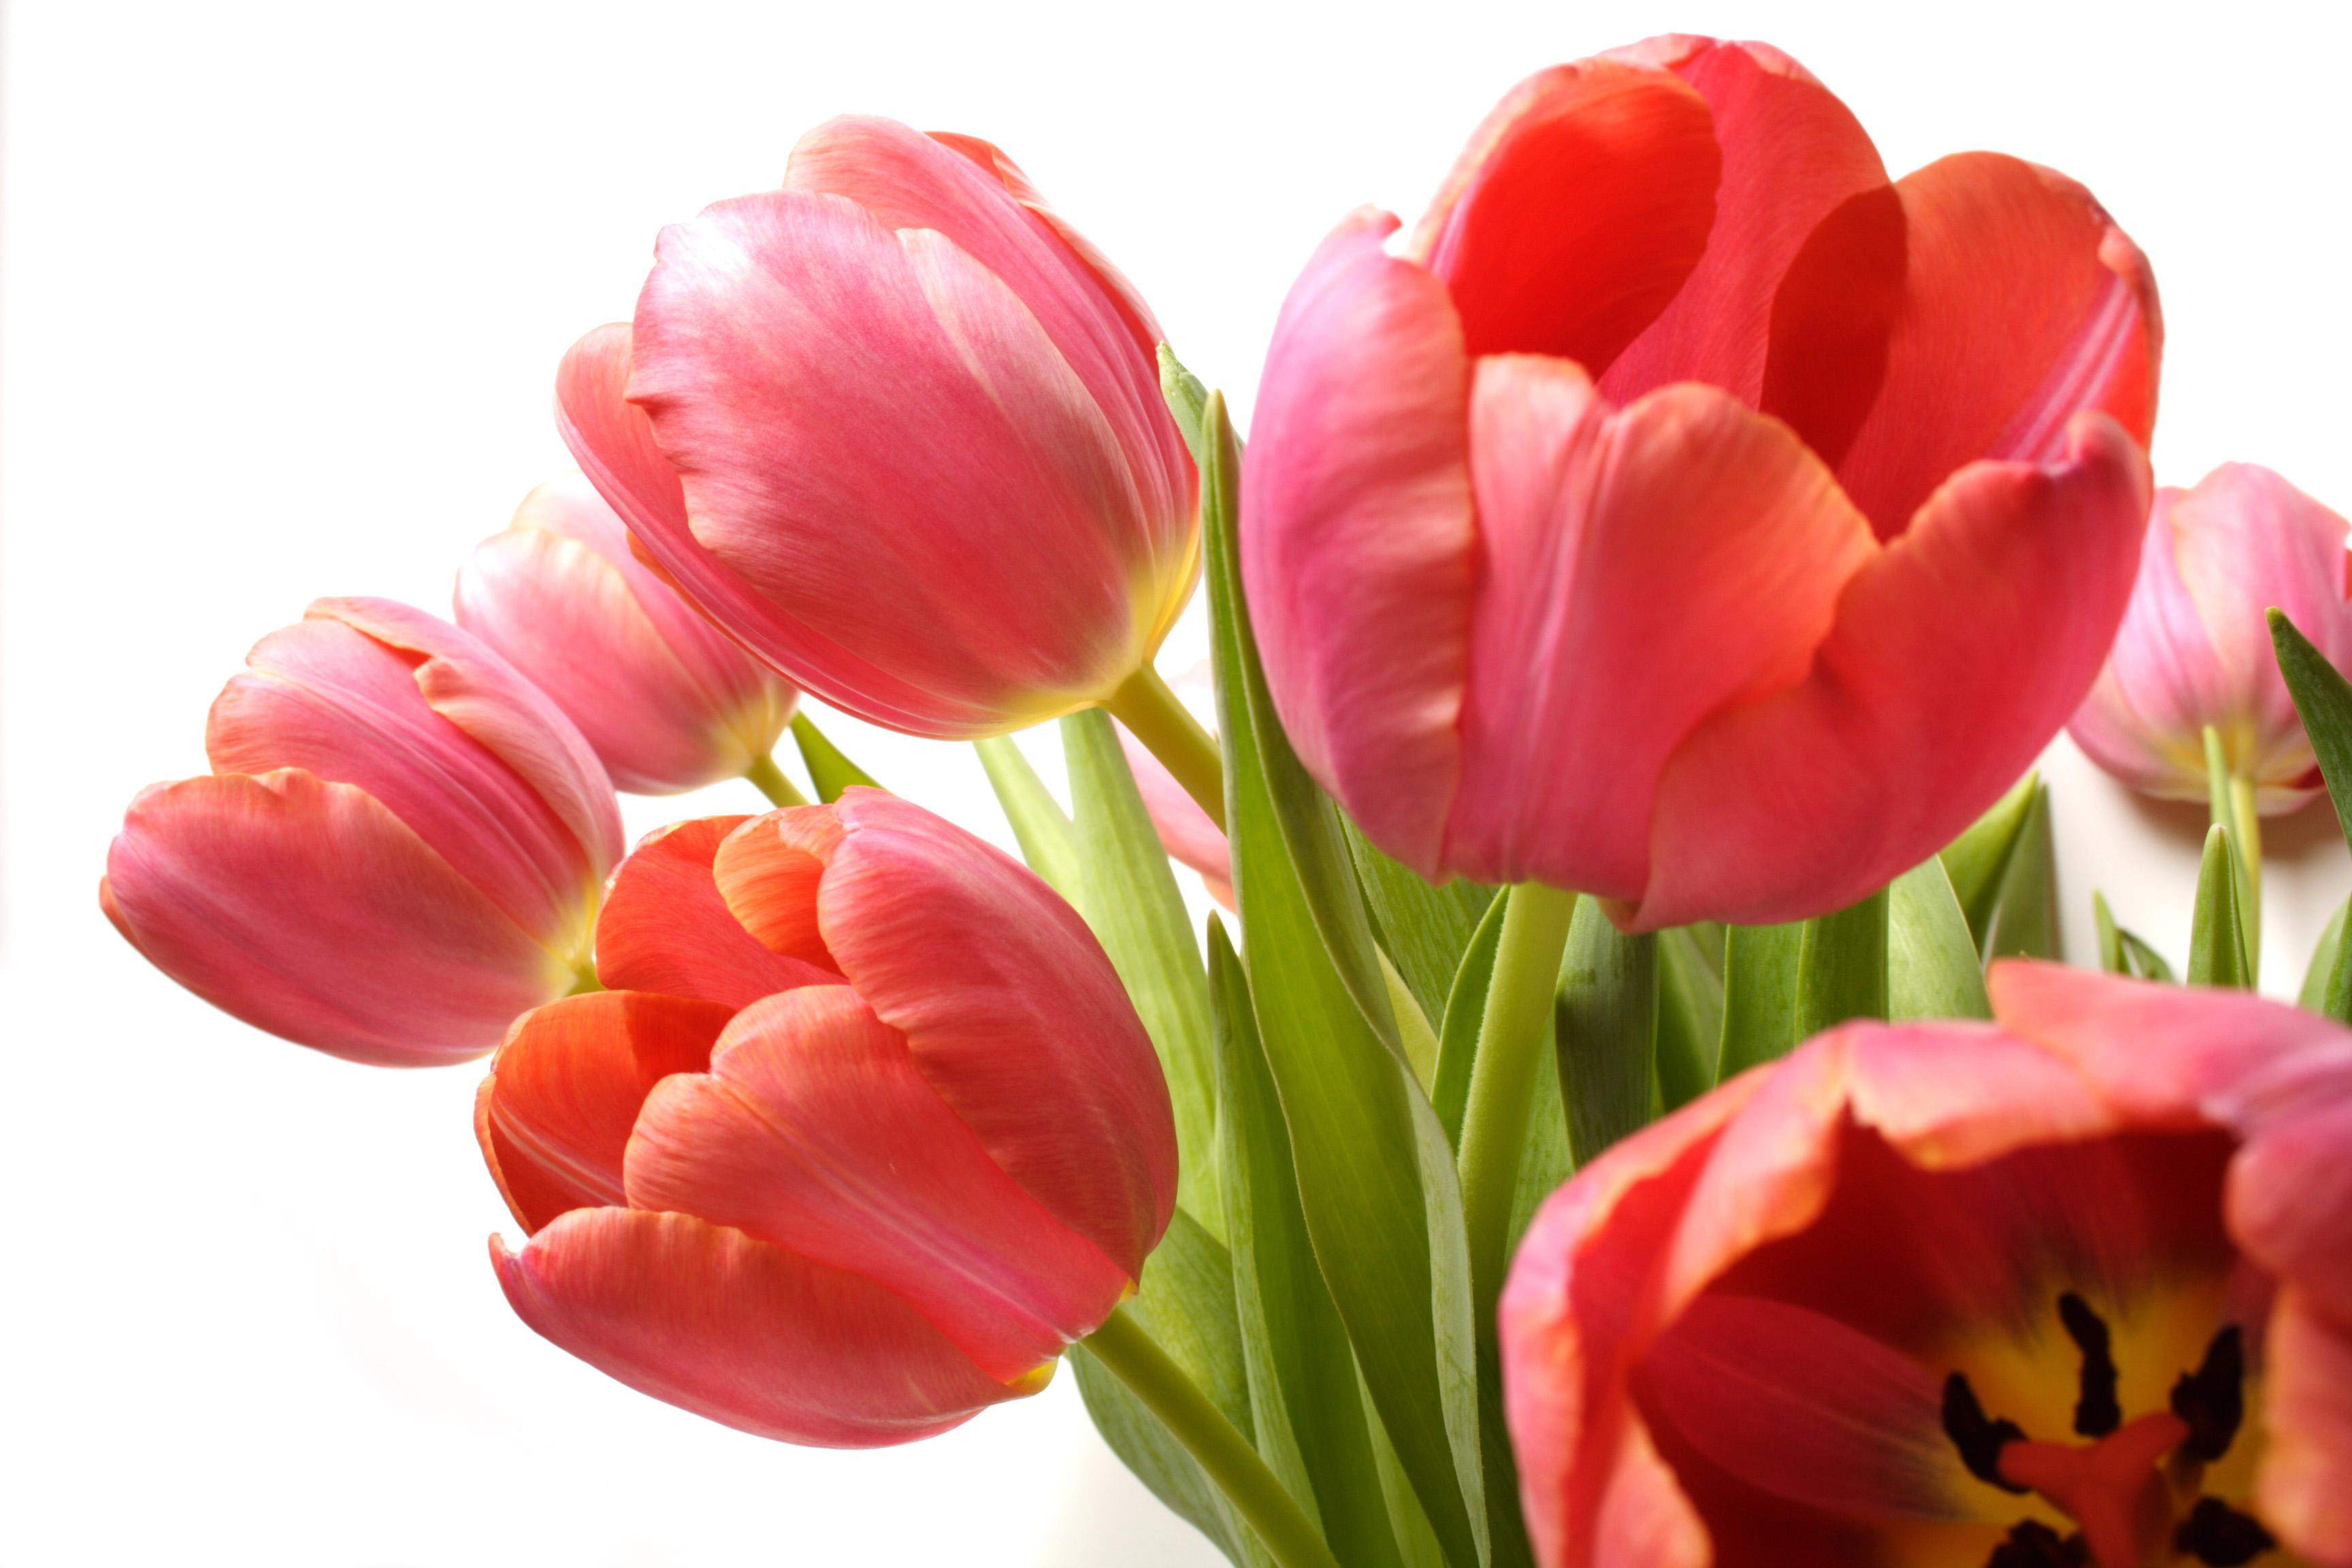 Choosing between online florists